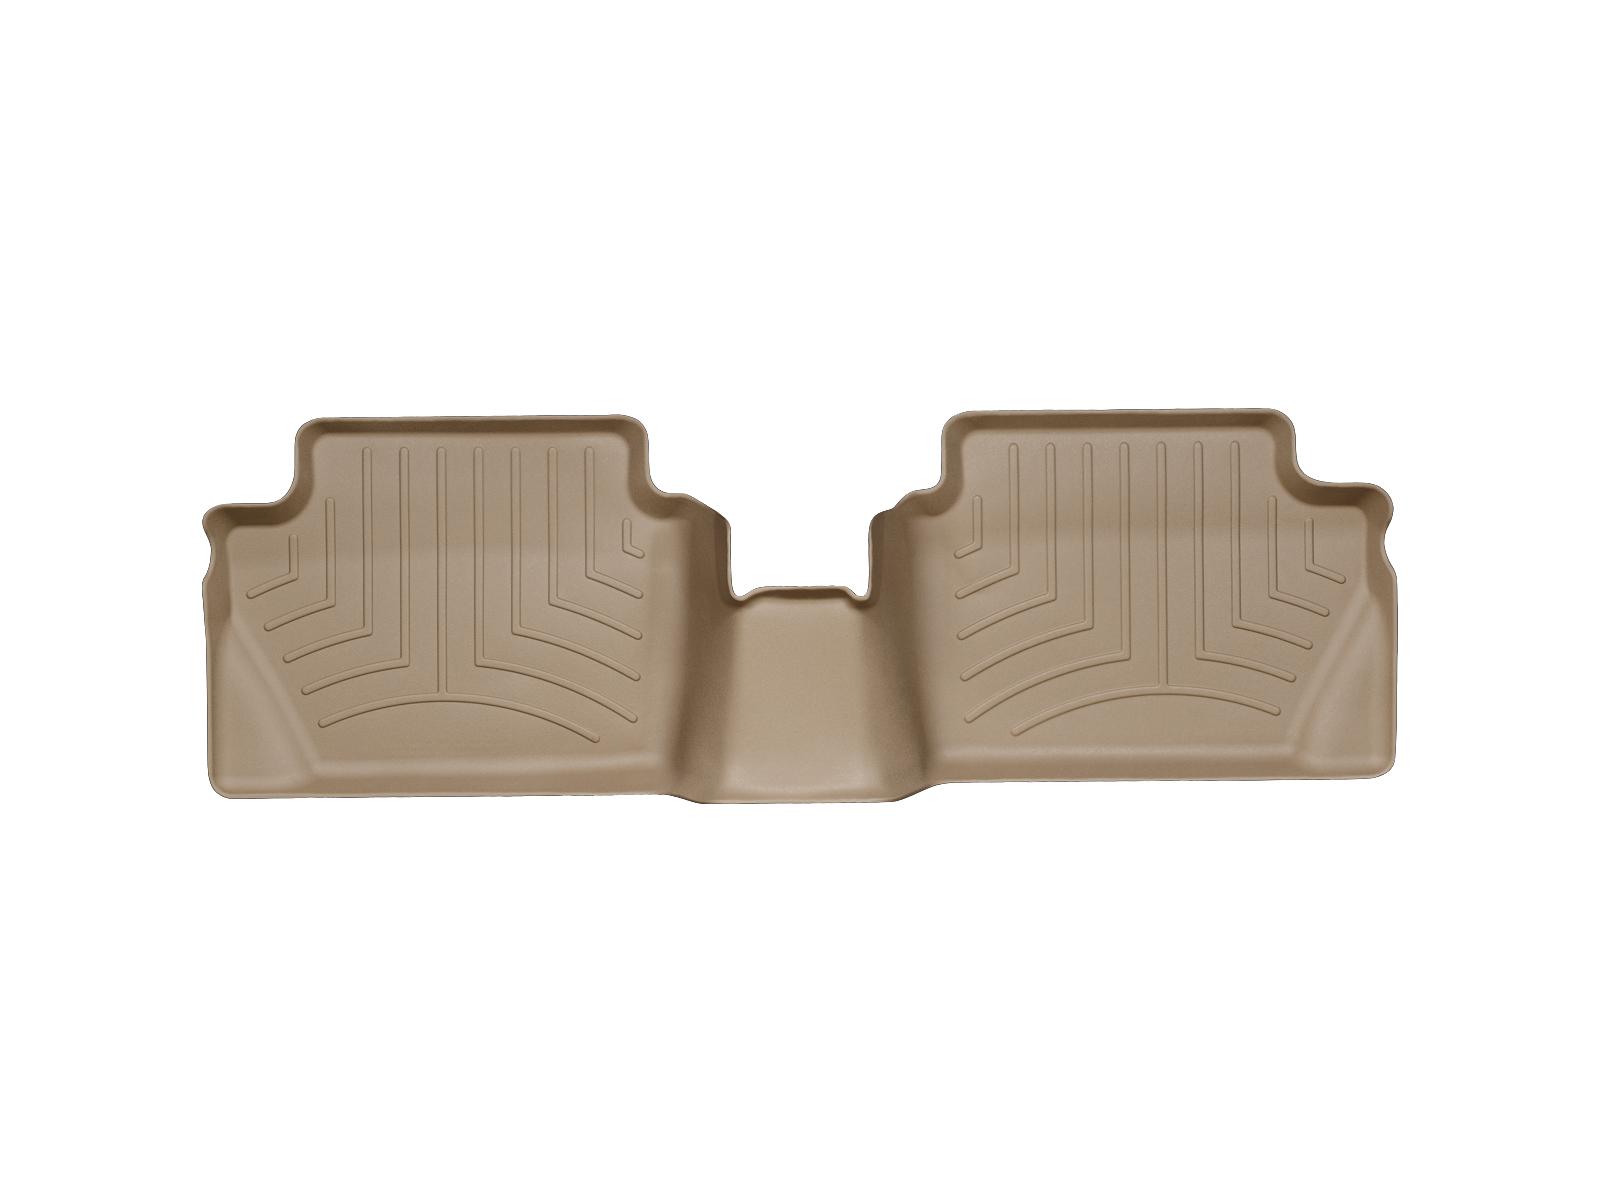 Tappeti gomma su misura bordo alto Ford EcoSport 13>17 Marrone A852*